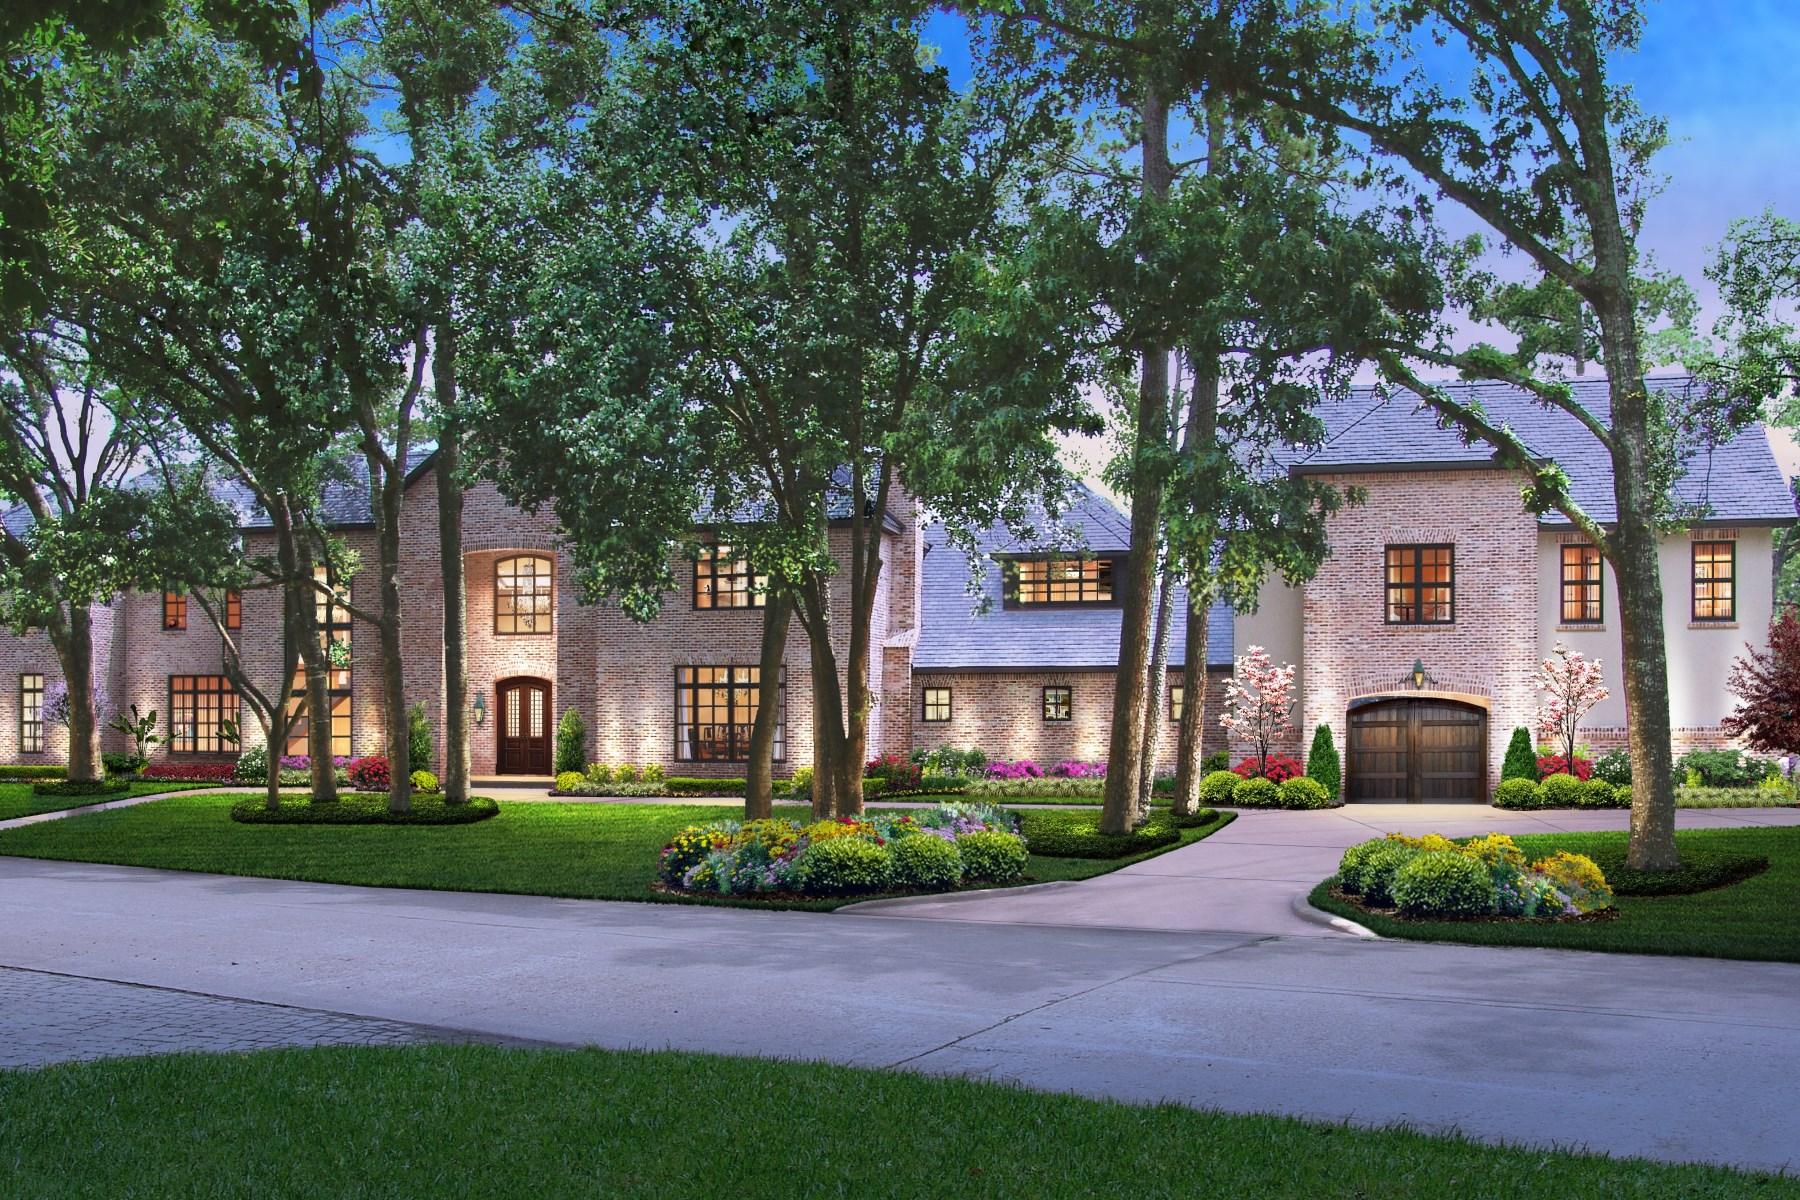 独户住宅 为 销售 在 19 Lacewood 休斯顿, 得克萨斯州, 77024 美国